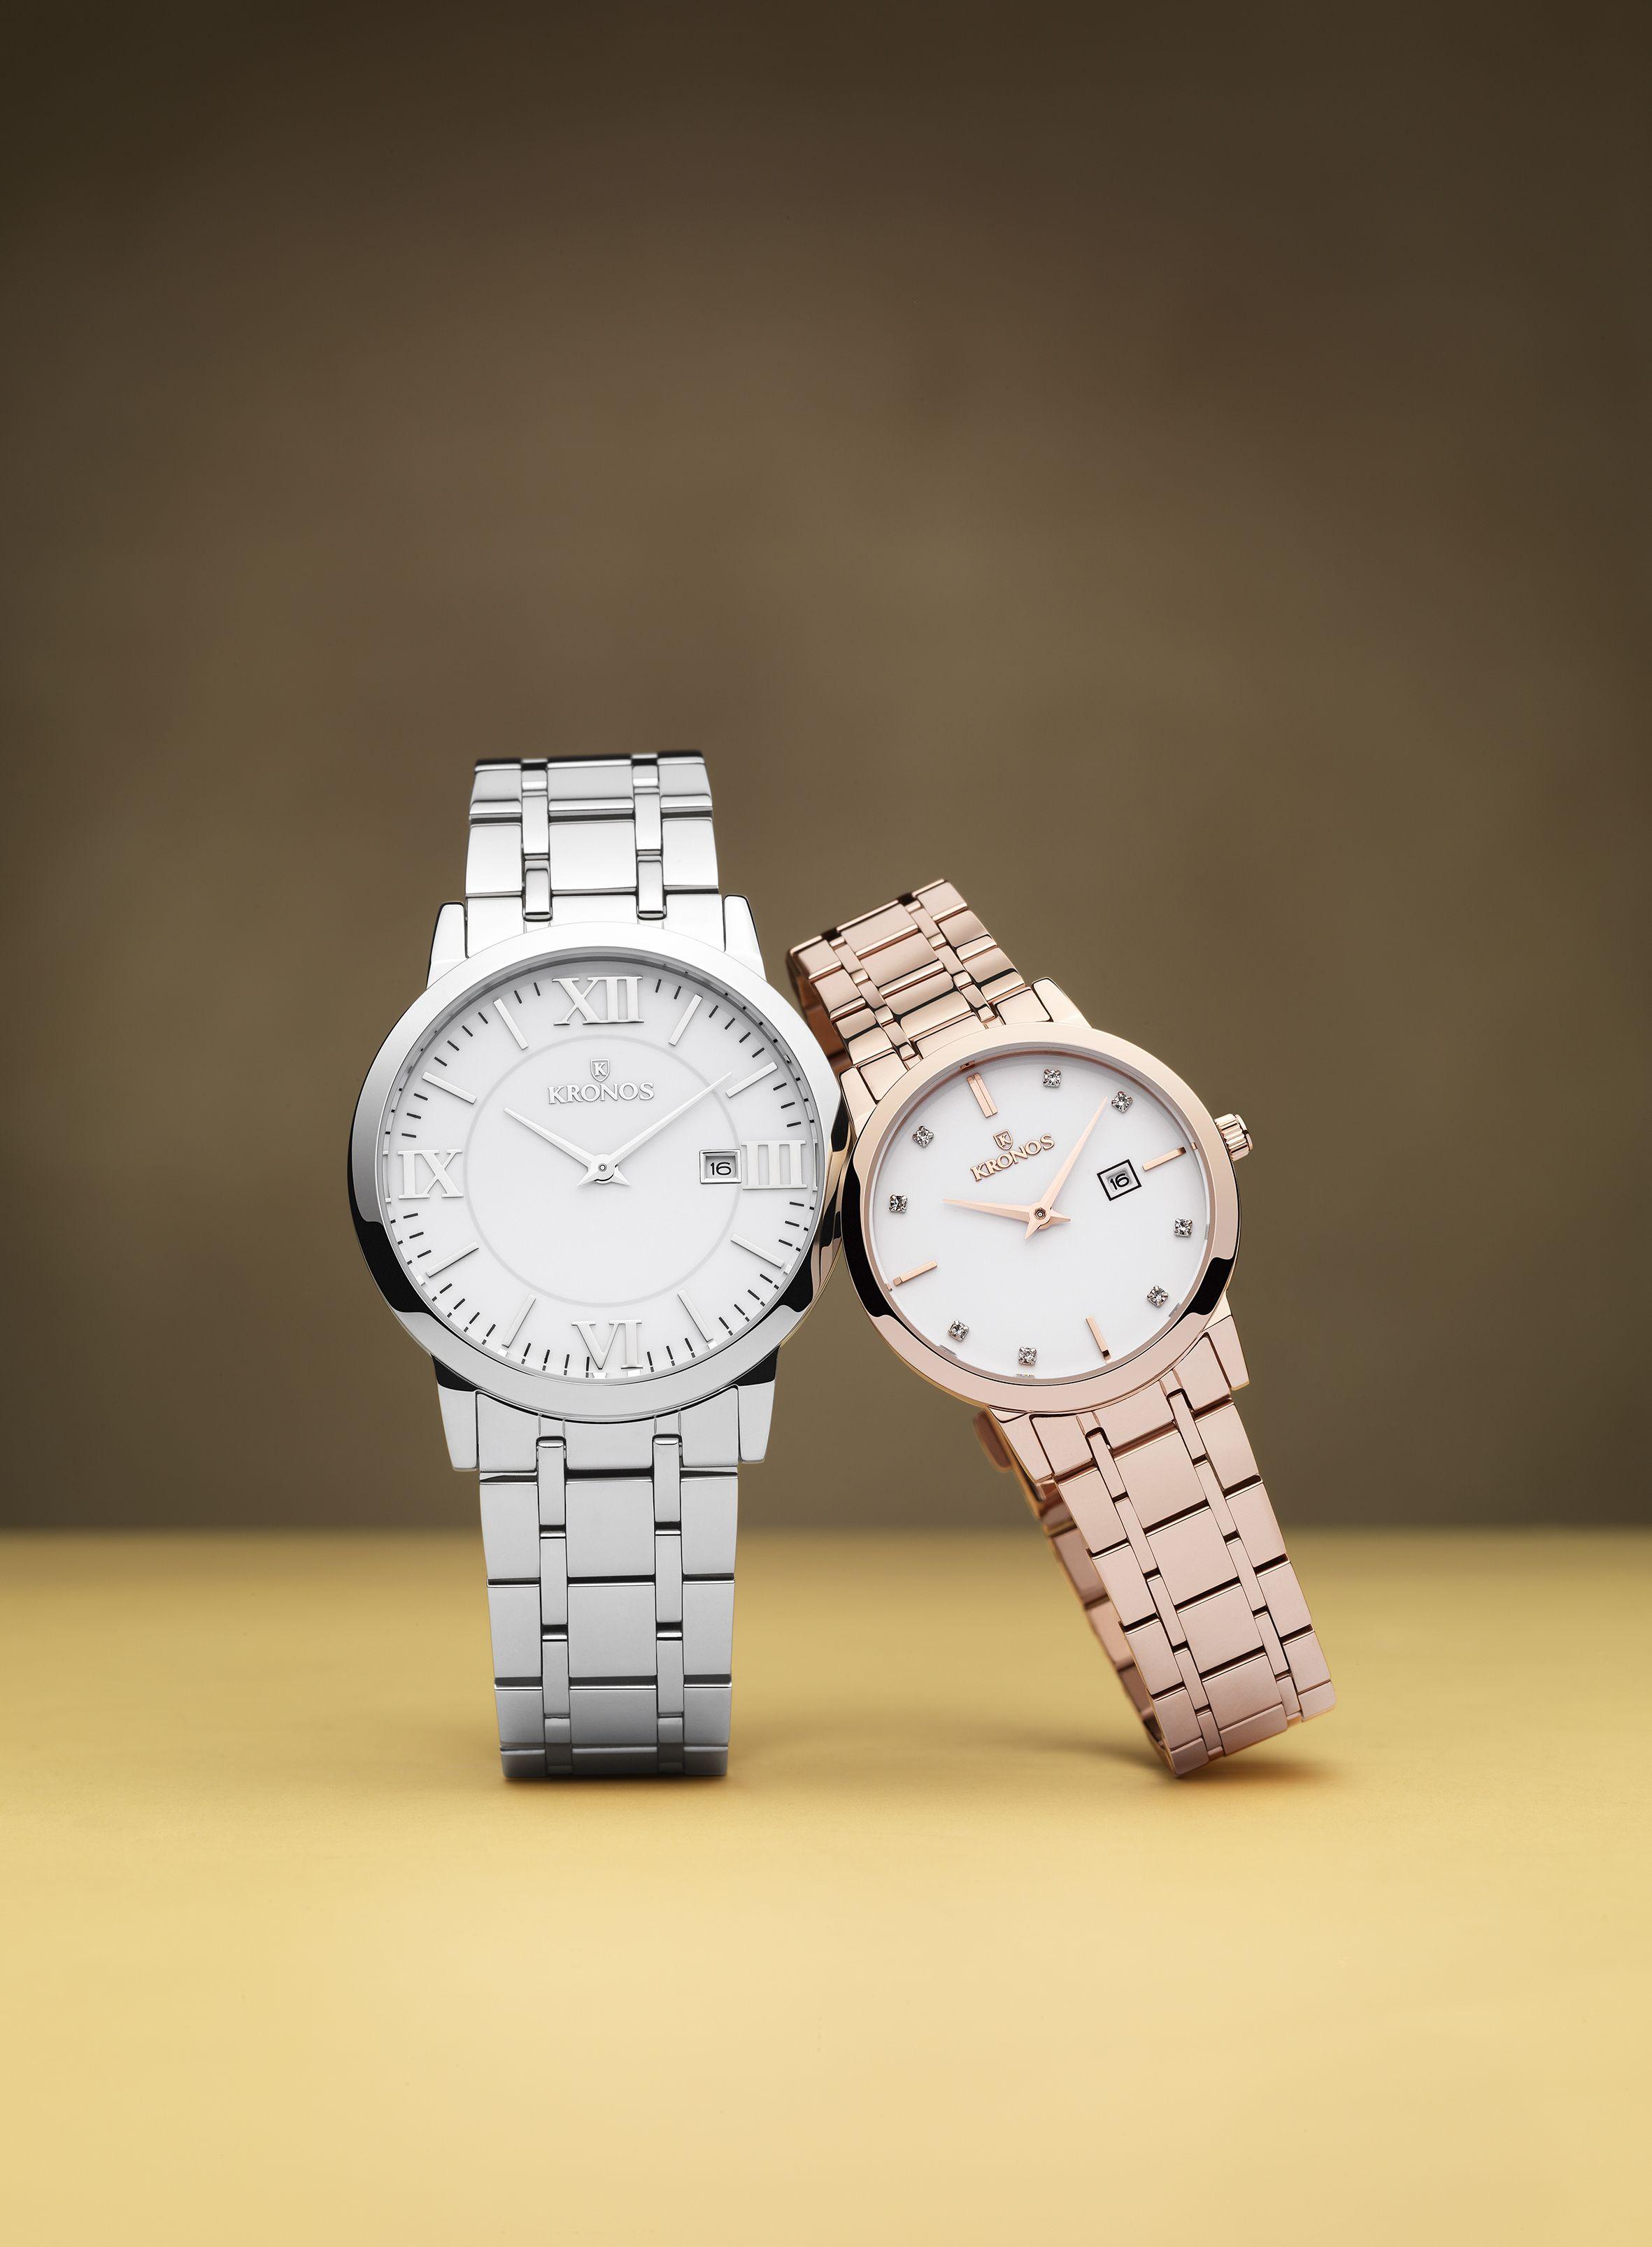 93a5f0cd4276 Nueva colección Elegance de Kronos